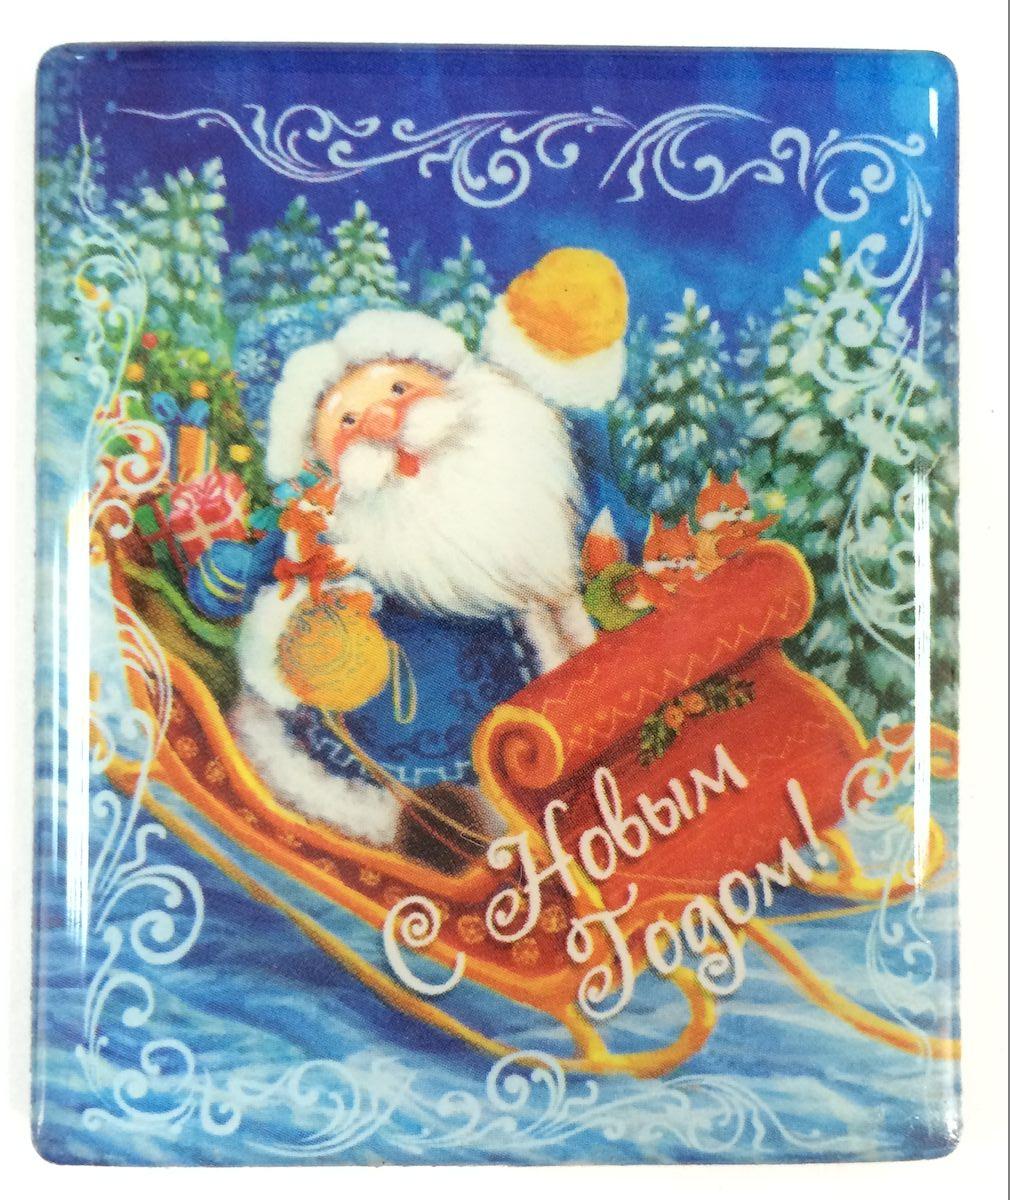 Магнит декоративный Magic Time Дед Мороз в санях, 6 х 5 см. 3837538374Магнит Magic Time Дед Мороз в санях, выполненный из агломерированного феррита, прекрасно подойдет в качестве сувенира к Новому году или станет приятным презентом в обычный день. Магнит - одно из самых простых, недорогих и при этом оригинальных украшений интерьера. Он поможет вам украсить не только холодильник, но и любую другую магнитную поверхность.Материал: агломерированный феррит.